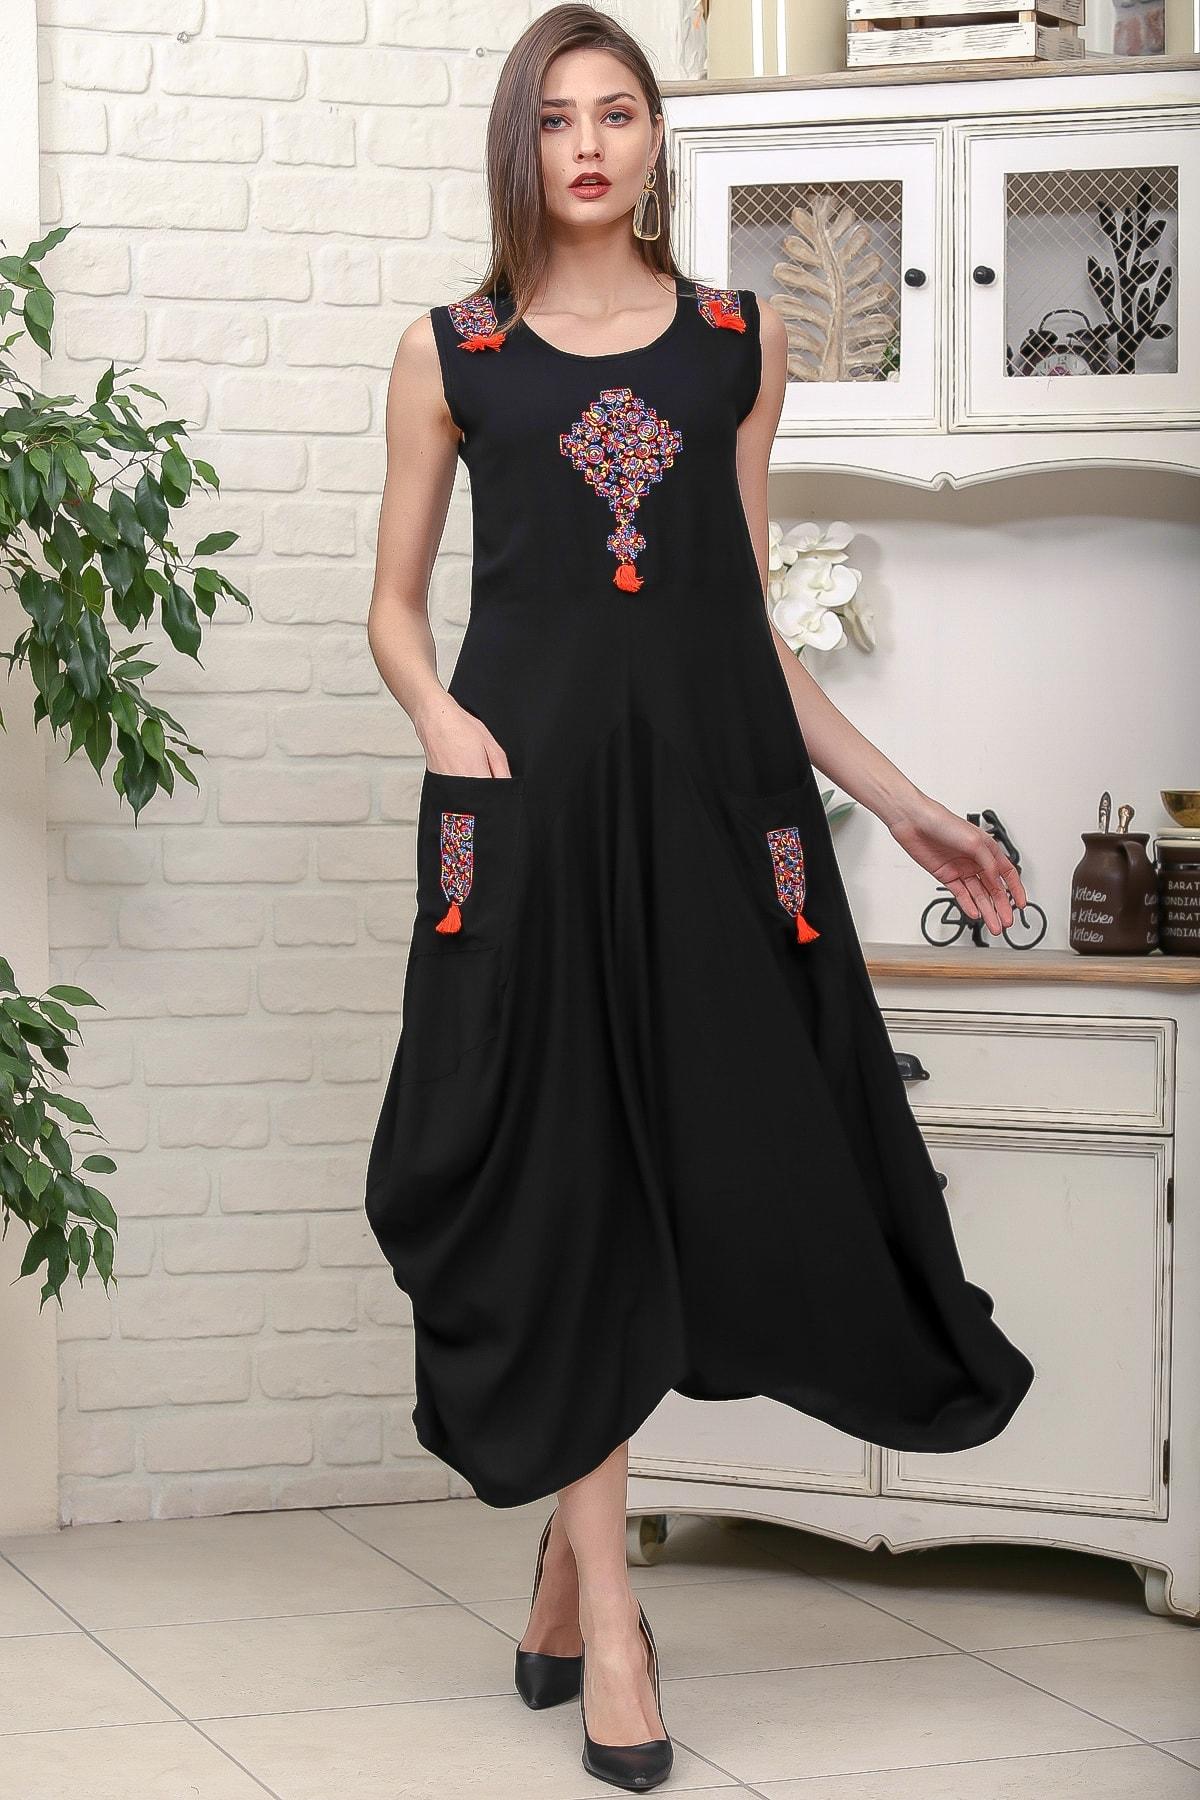 Chiccy Kadın Siyah Omuz Ve Ön Bedeni Tribal Nakışlı Cepli Asimetrik Salaş Dokuma Elbise M10160000EL95878 1